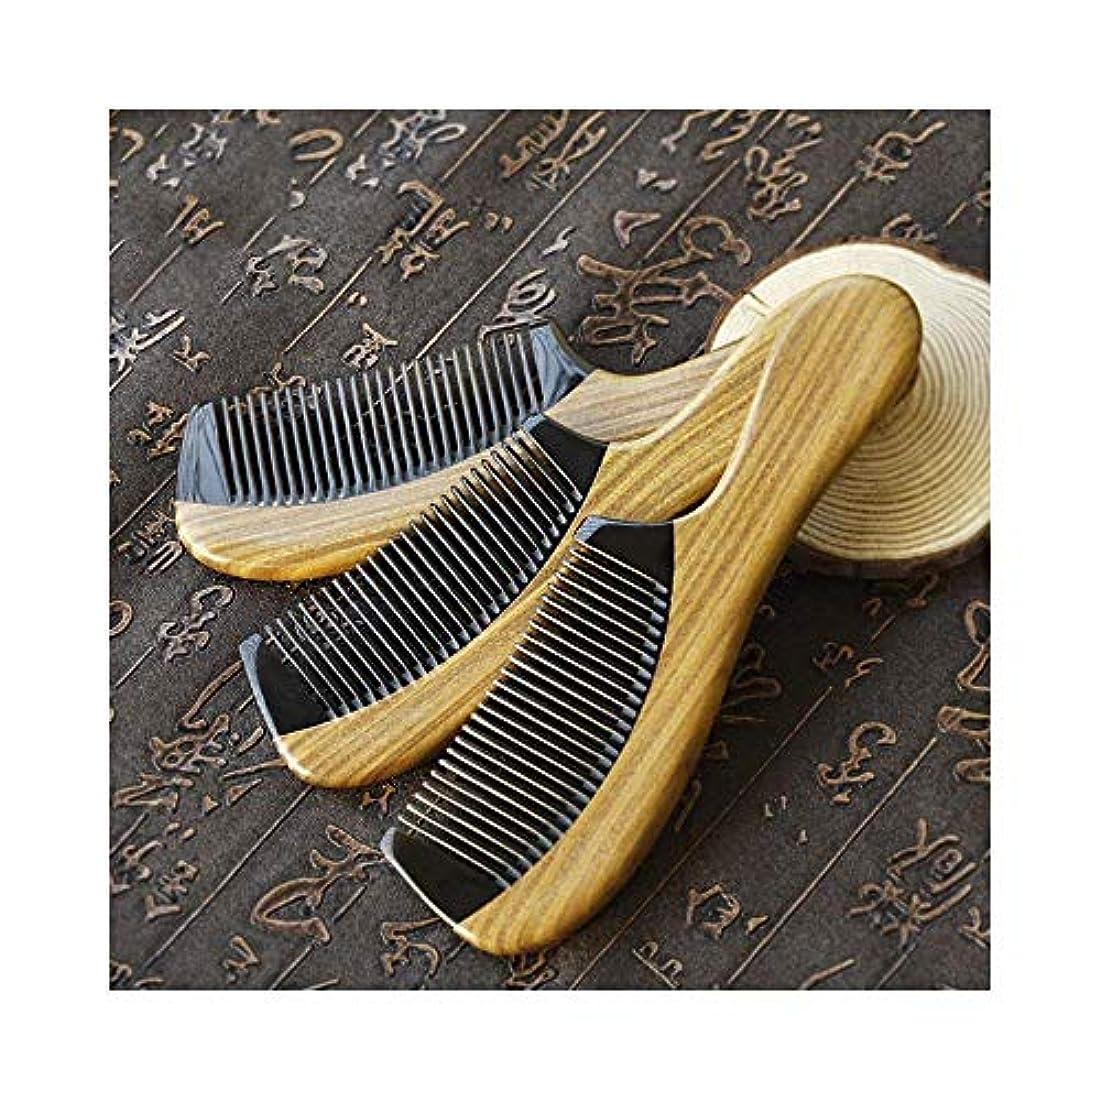 軍団要件誰のグリーンサンダルウッド櫛静電気防止マッサージヘアブラシ付きFashian手作りの木製くしナチュラルバッファローホーン ヘアケア